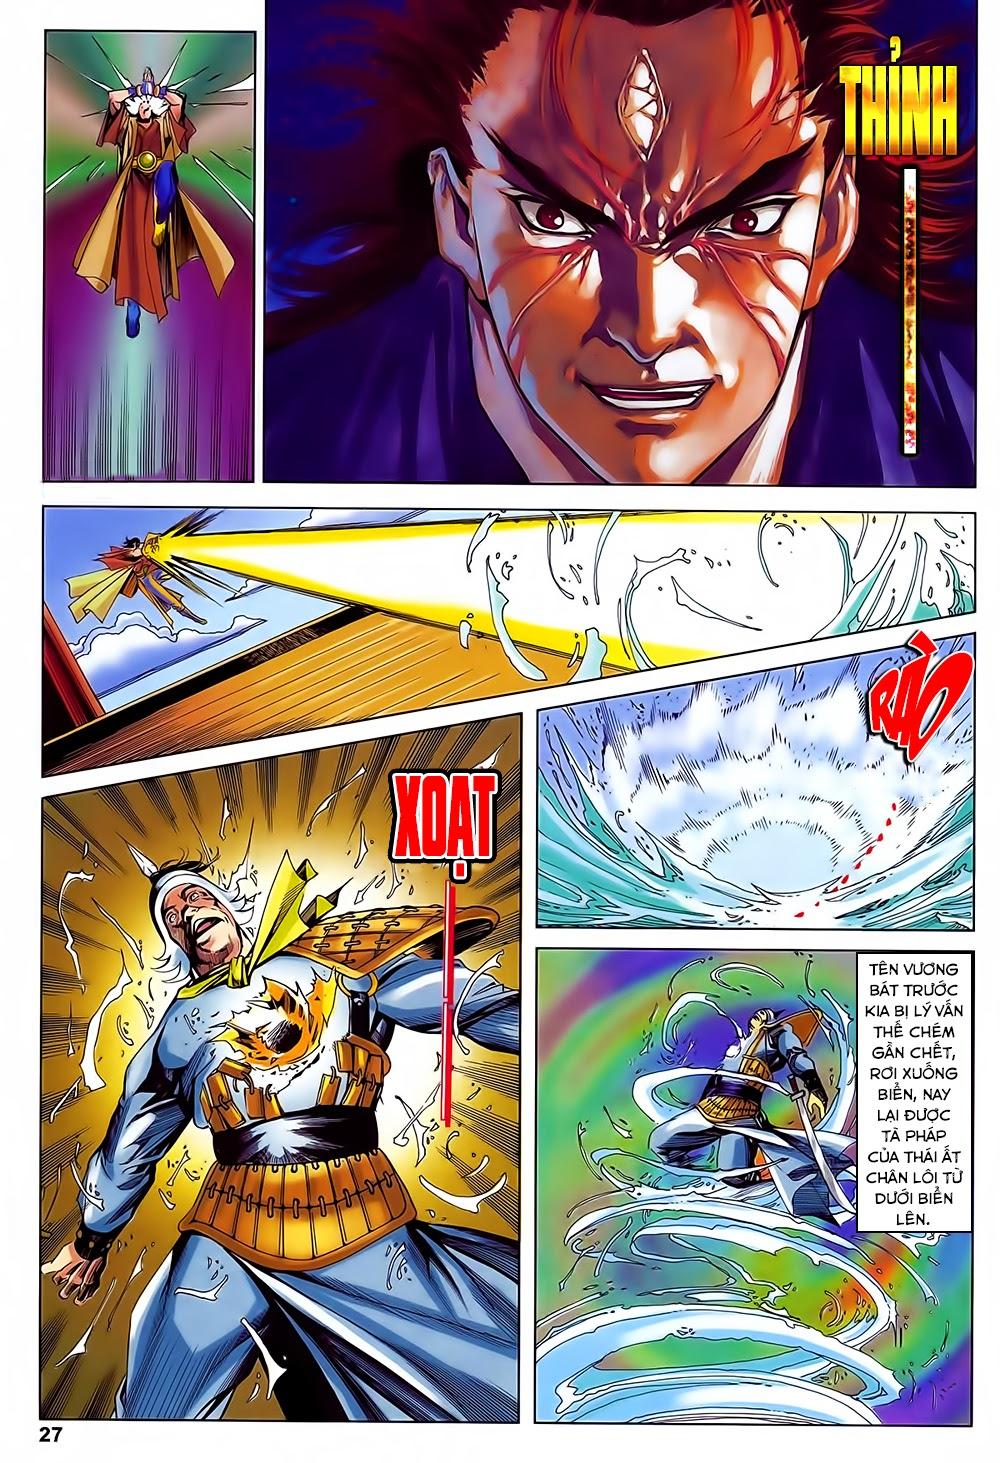 Lục Đạo Thiên Thư chap 31 - Trang 27